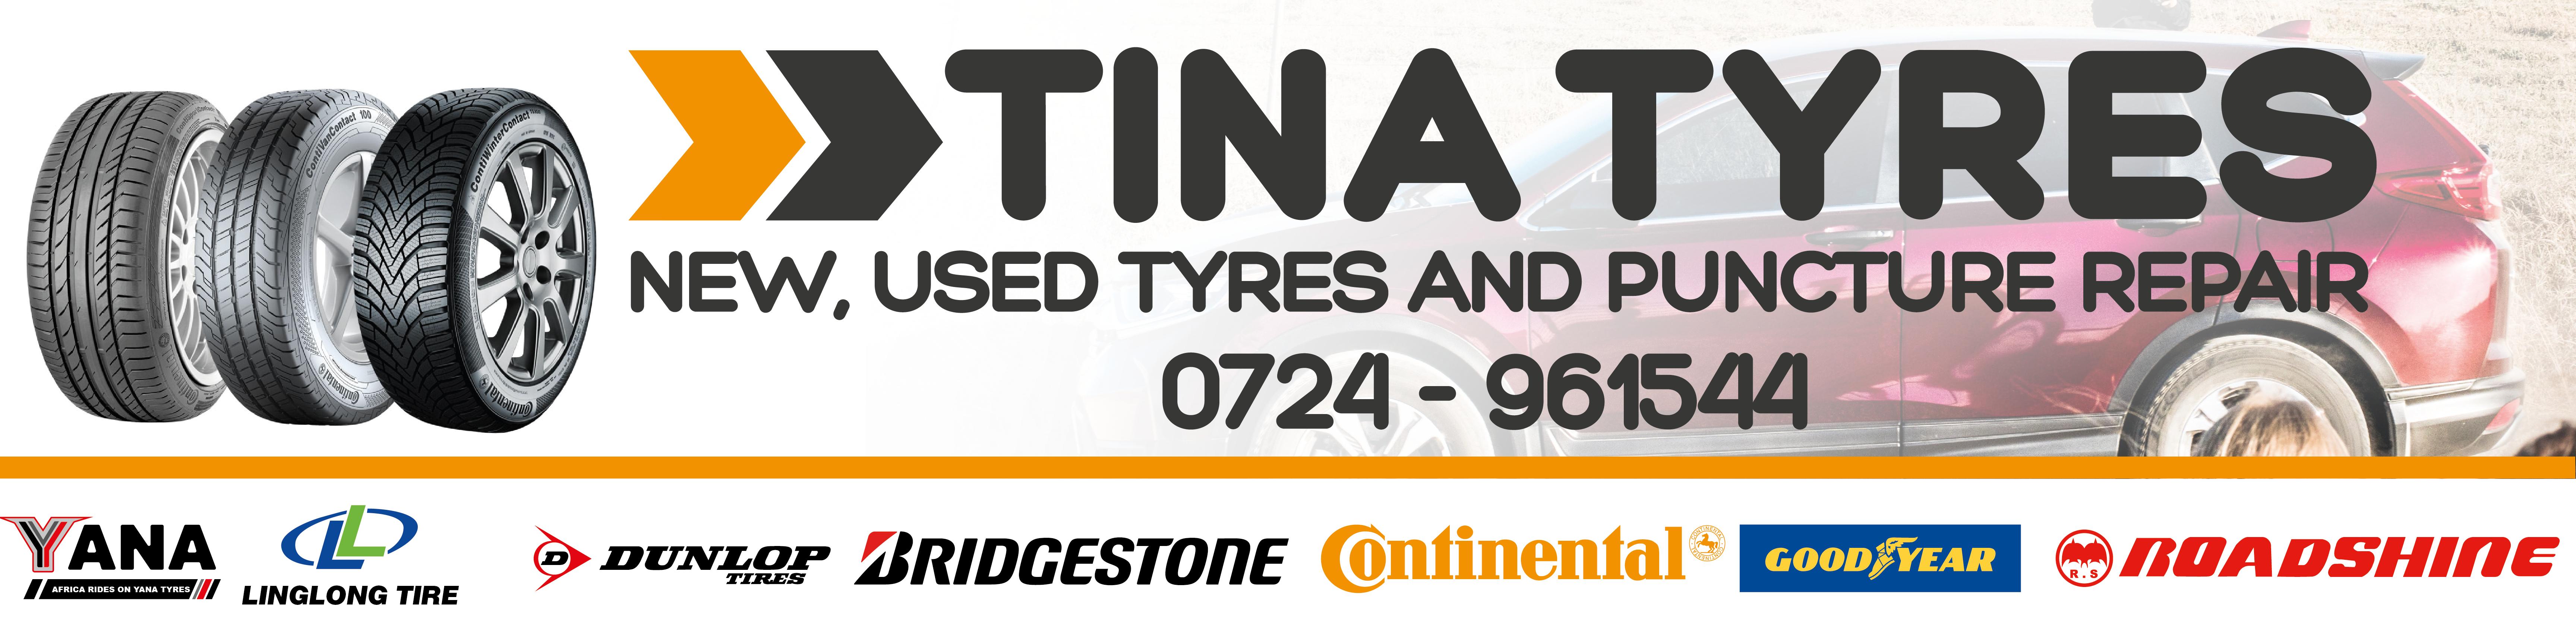 Tina Tyres